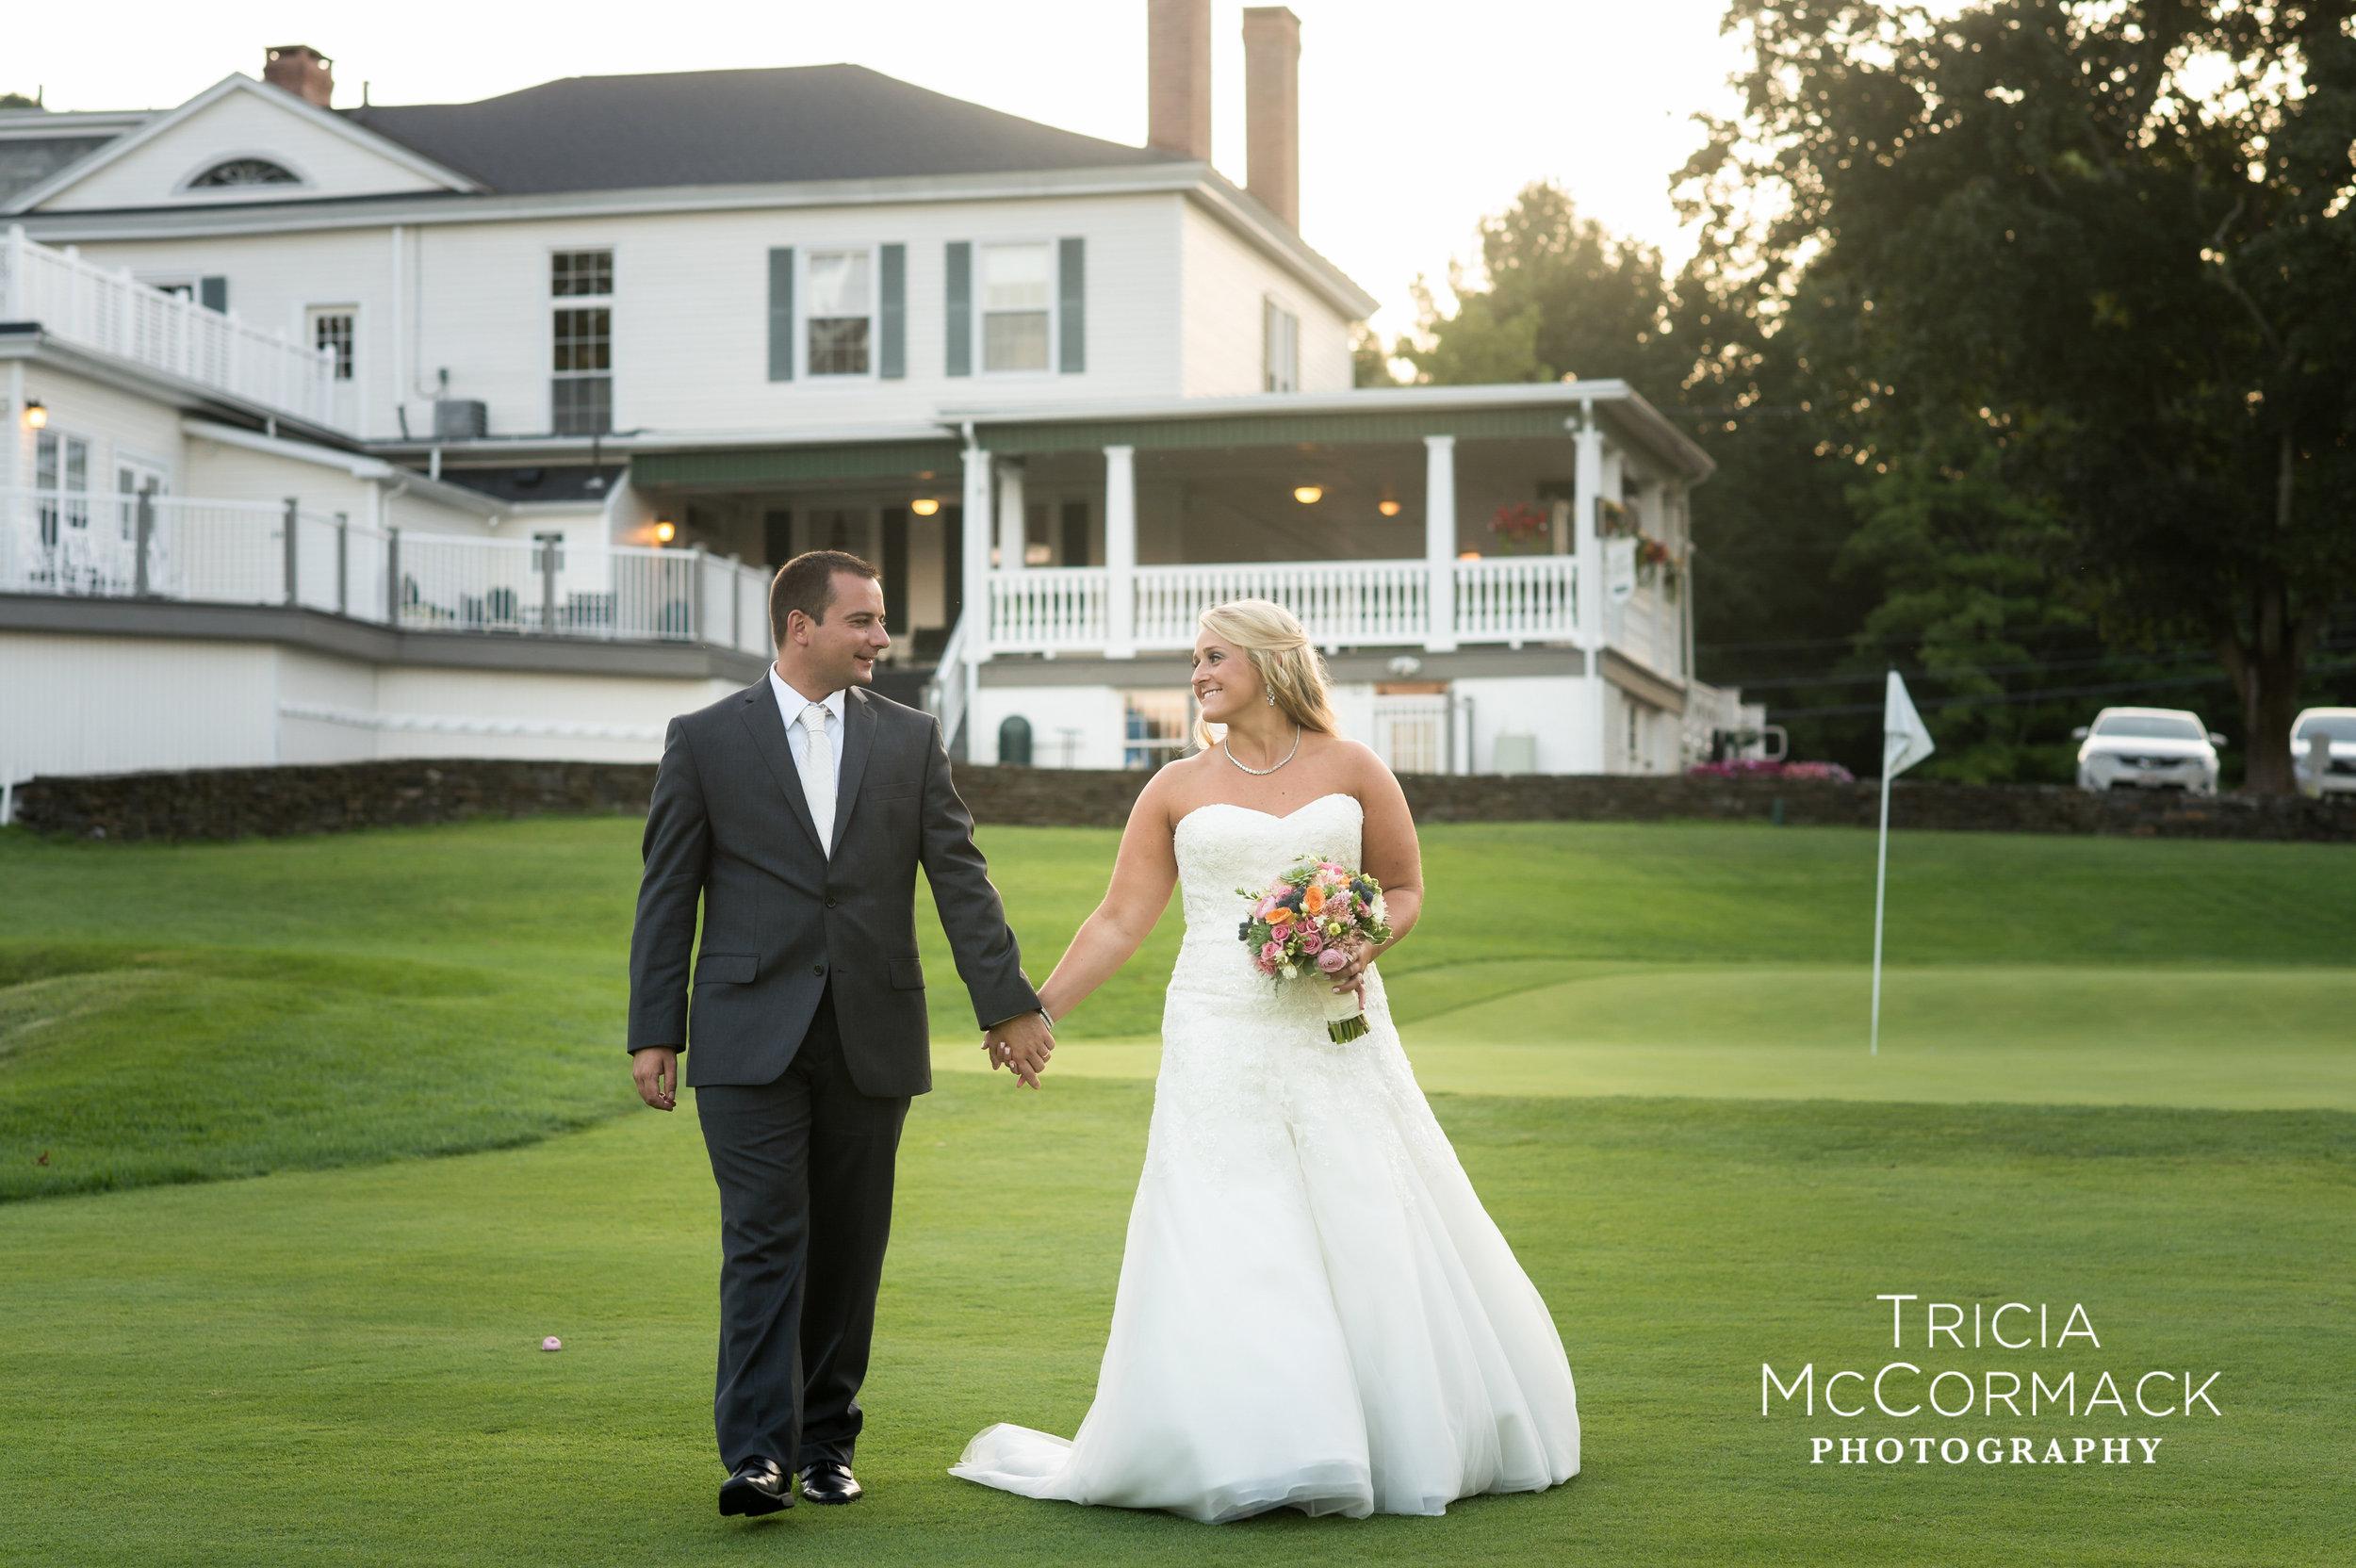 706-Sarah and Dan Wedding.jpg